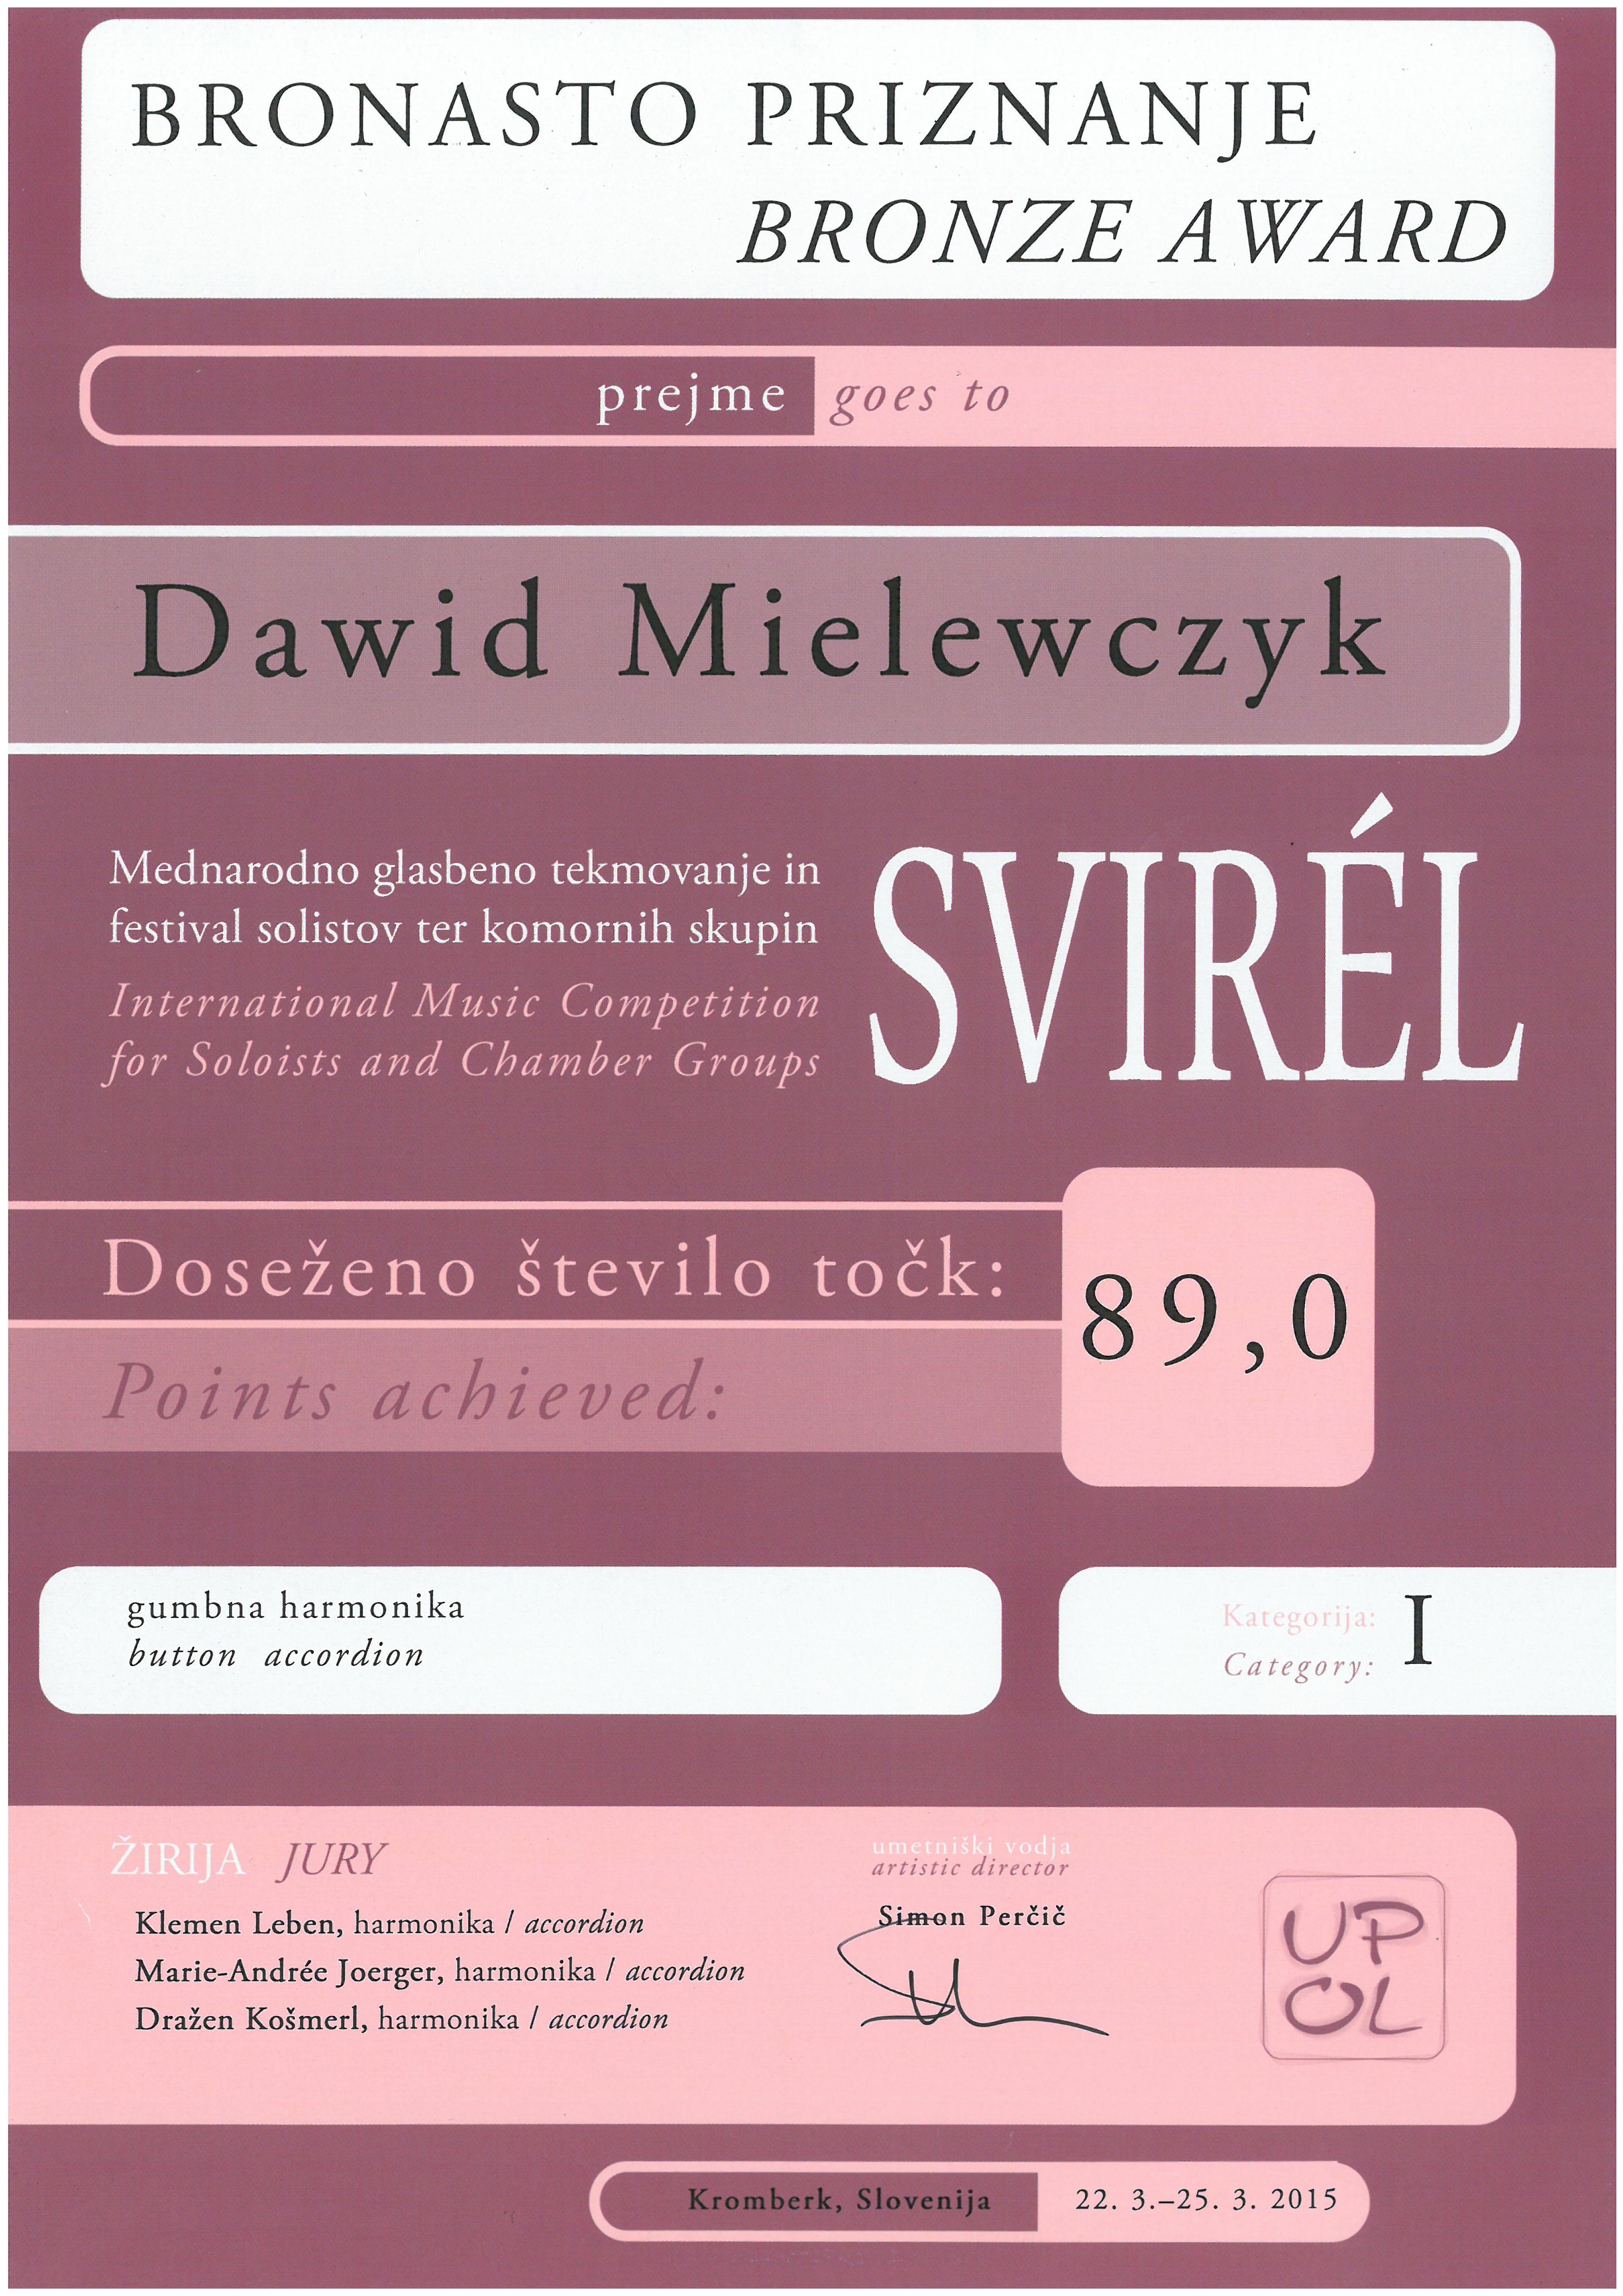 Dawid_Mielewczyk_dyplom_2015